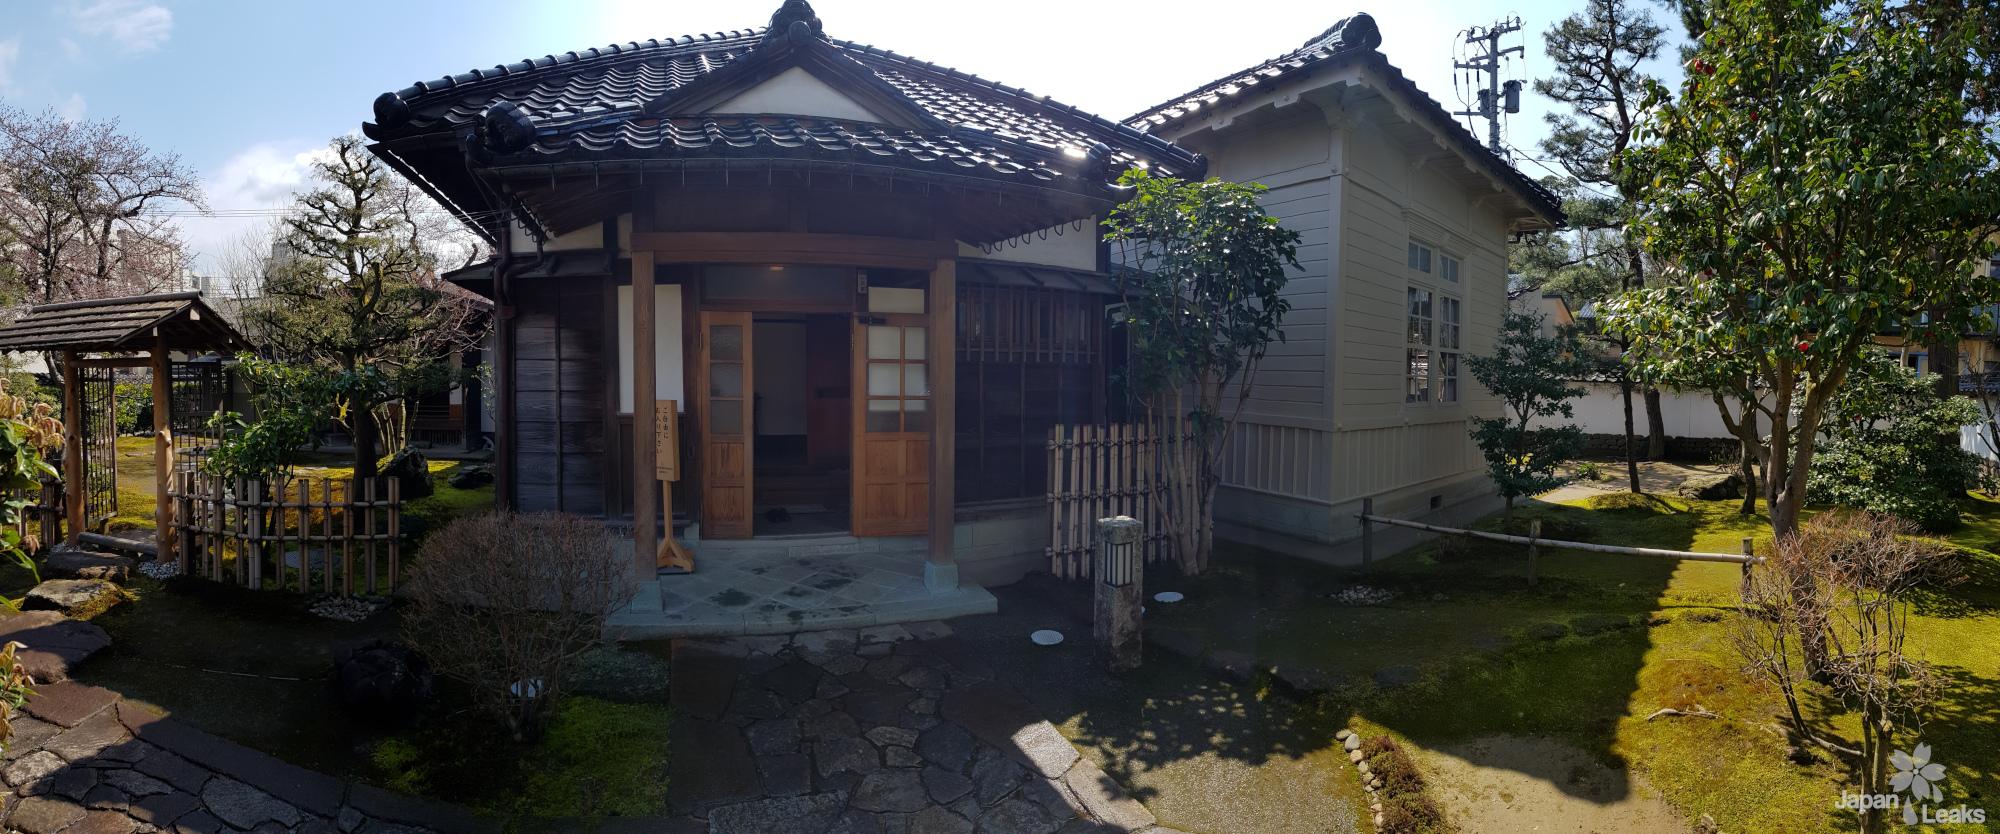 Ein traditionelles Wohnhaus in Kanazawa.